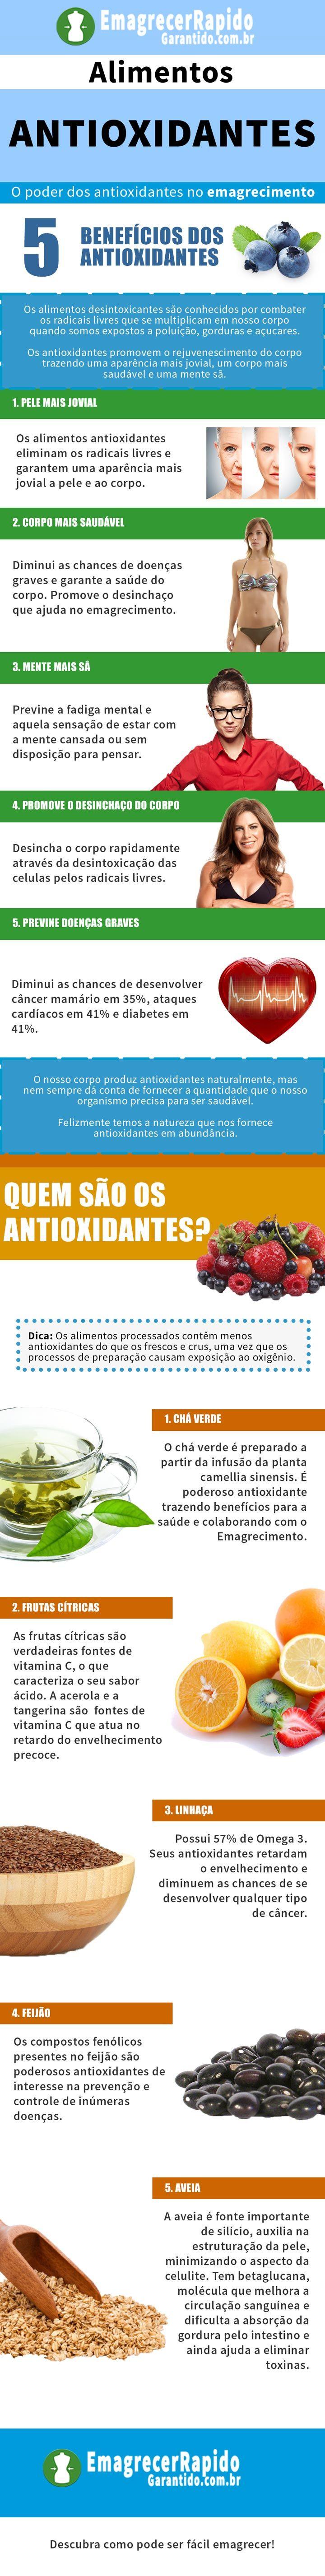 [Infografico] Alimentos Antioxidantes: Tudo O Que Você Precisa Saber Para Emagrecer Rápido